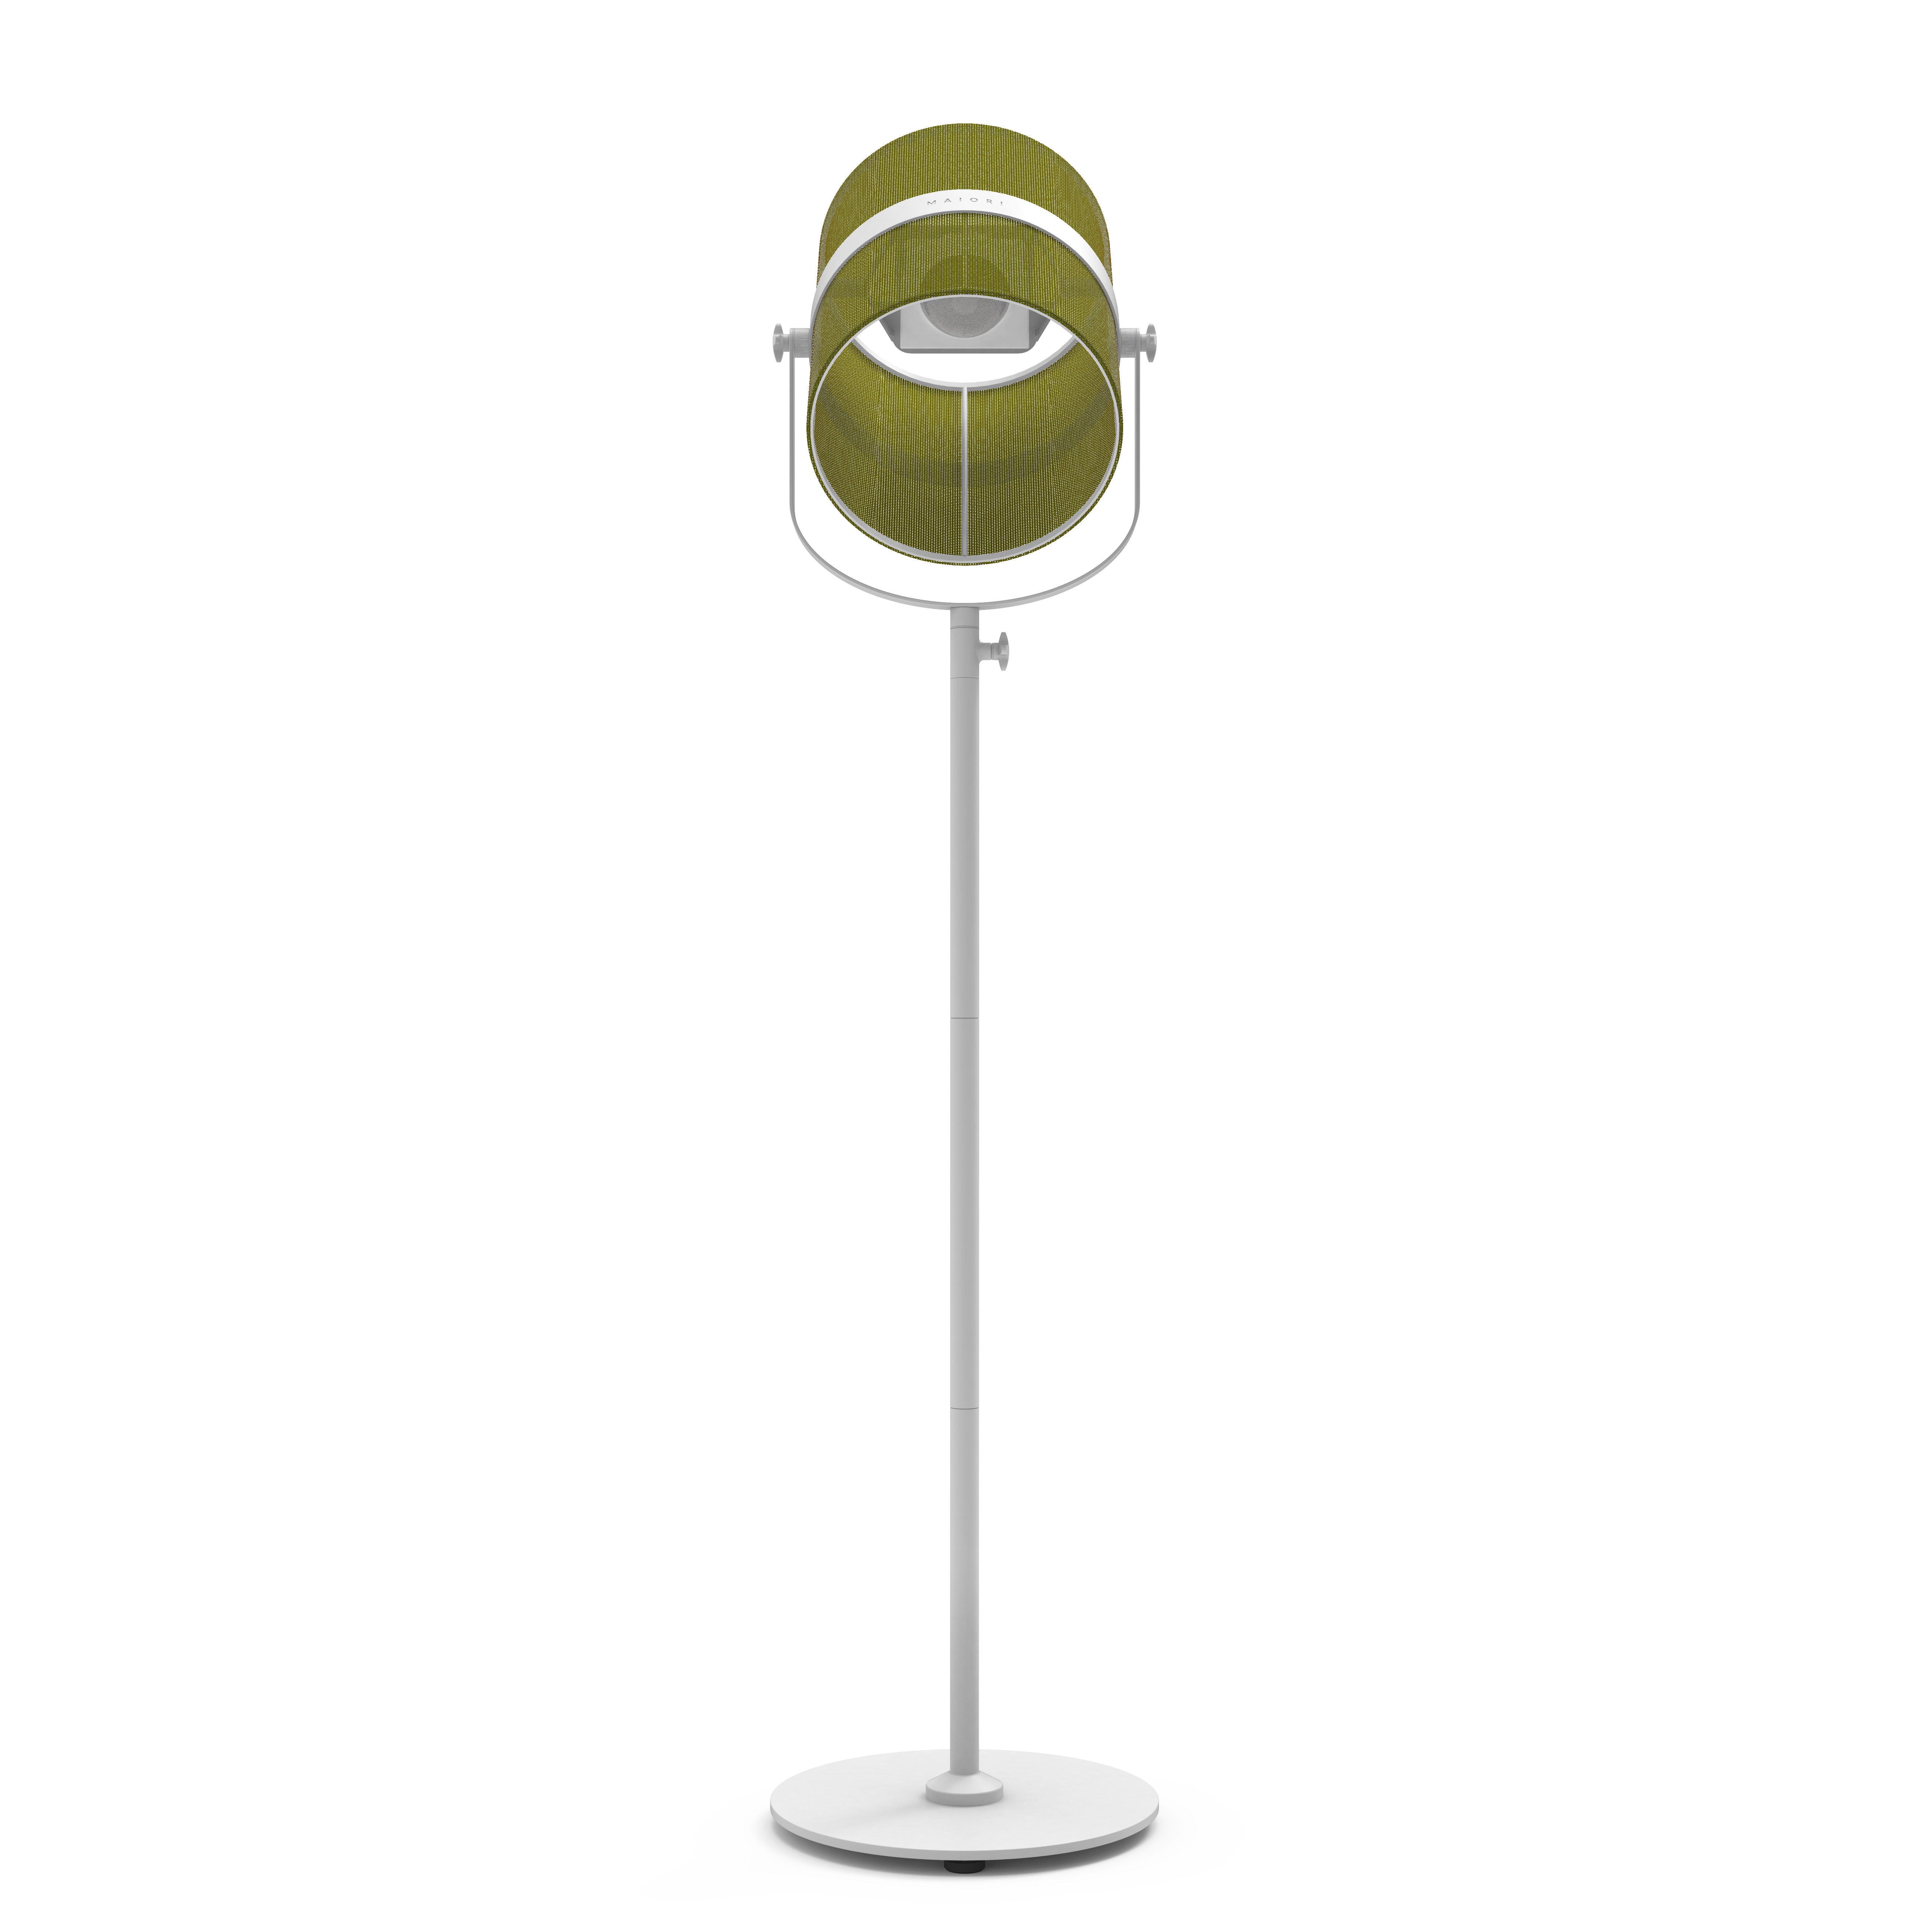 Luminaire - Lampadaires - Lampadaire solaire La Lampe Paris LED / Hybride & connectée - Maiori - Kaki / Pied blanc - Aluminium peint, Tissu